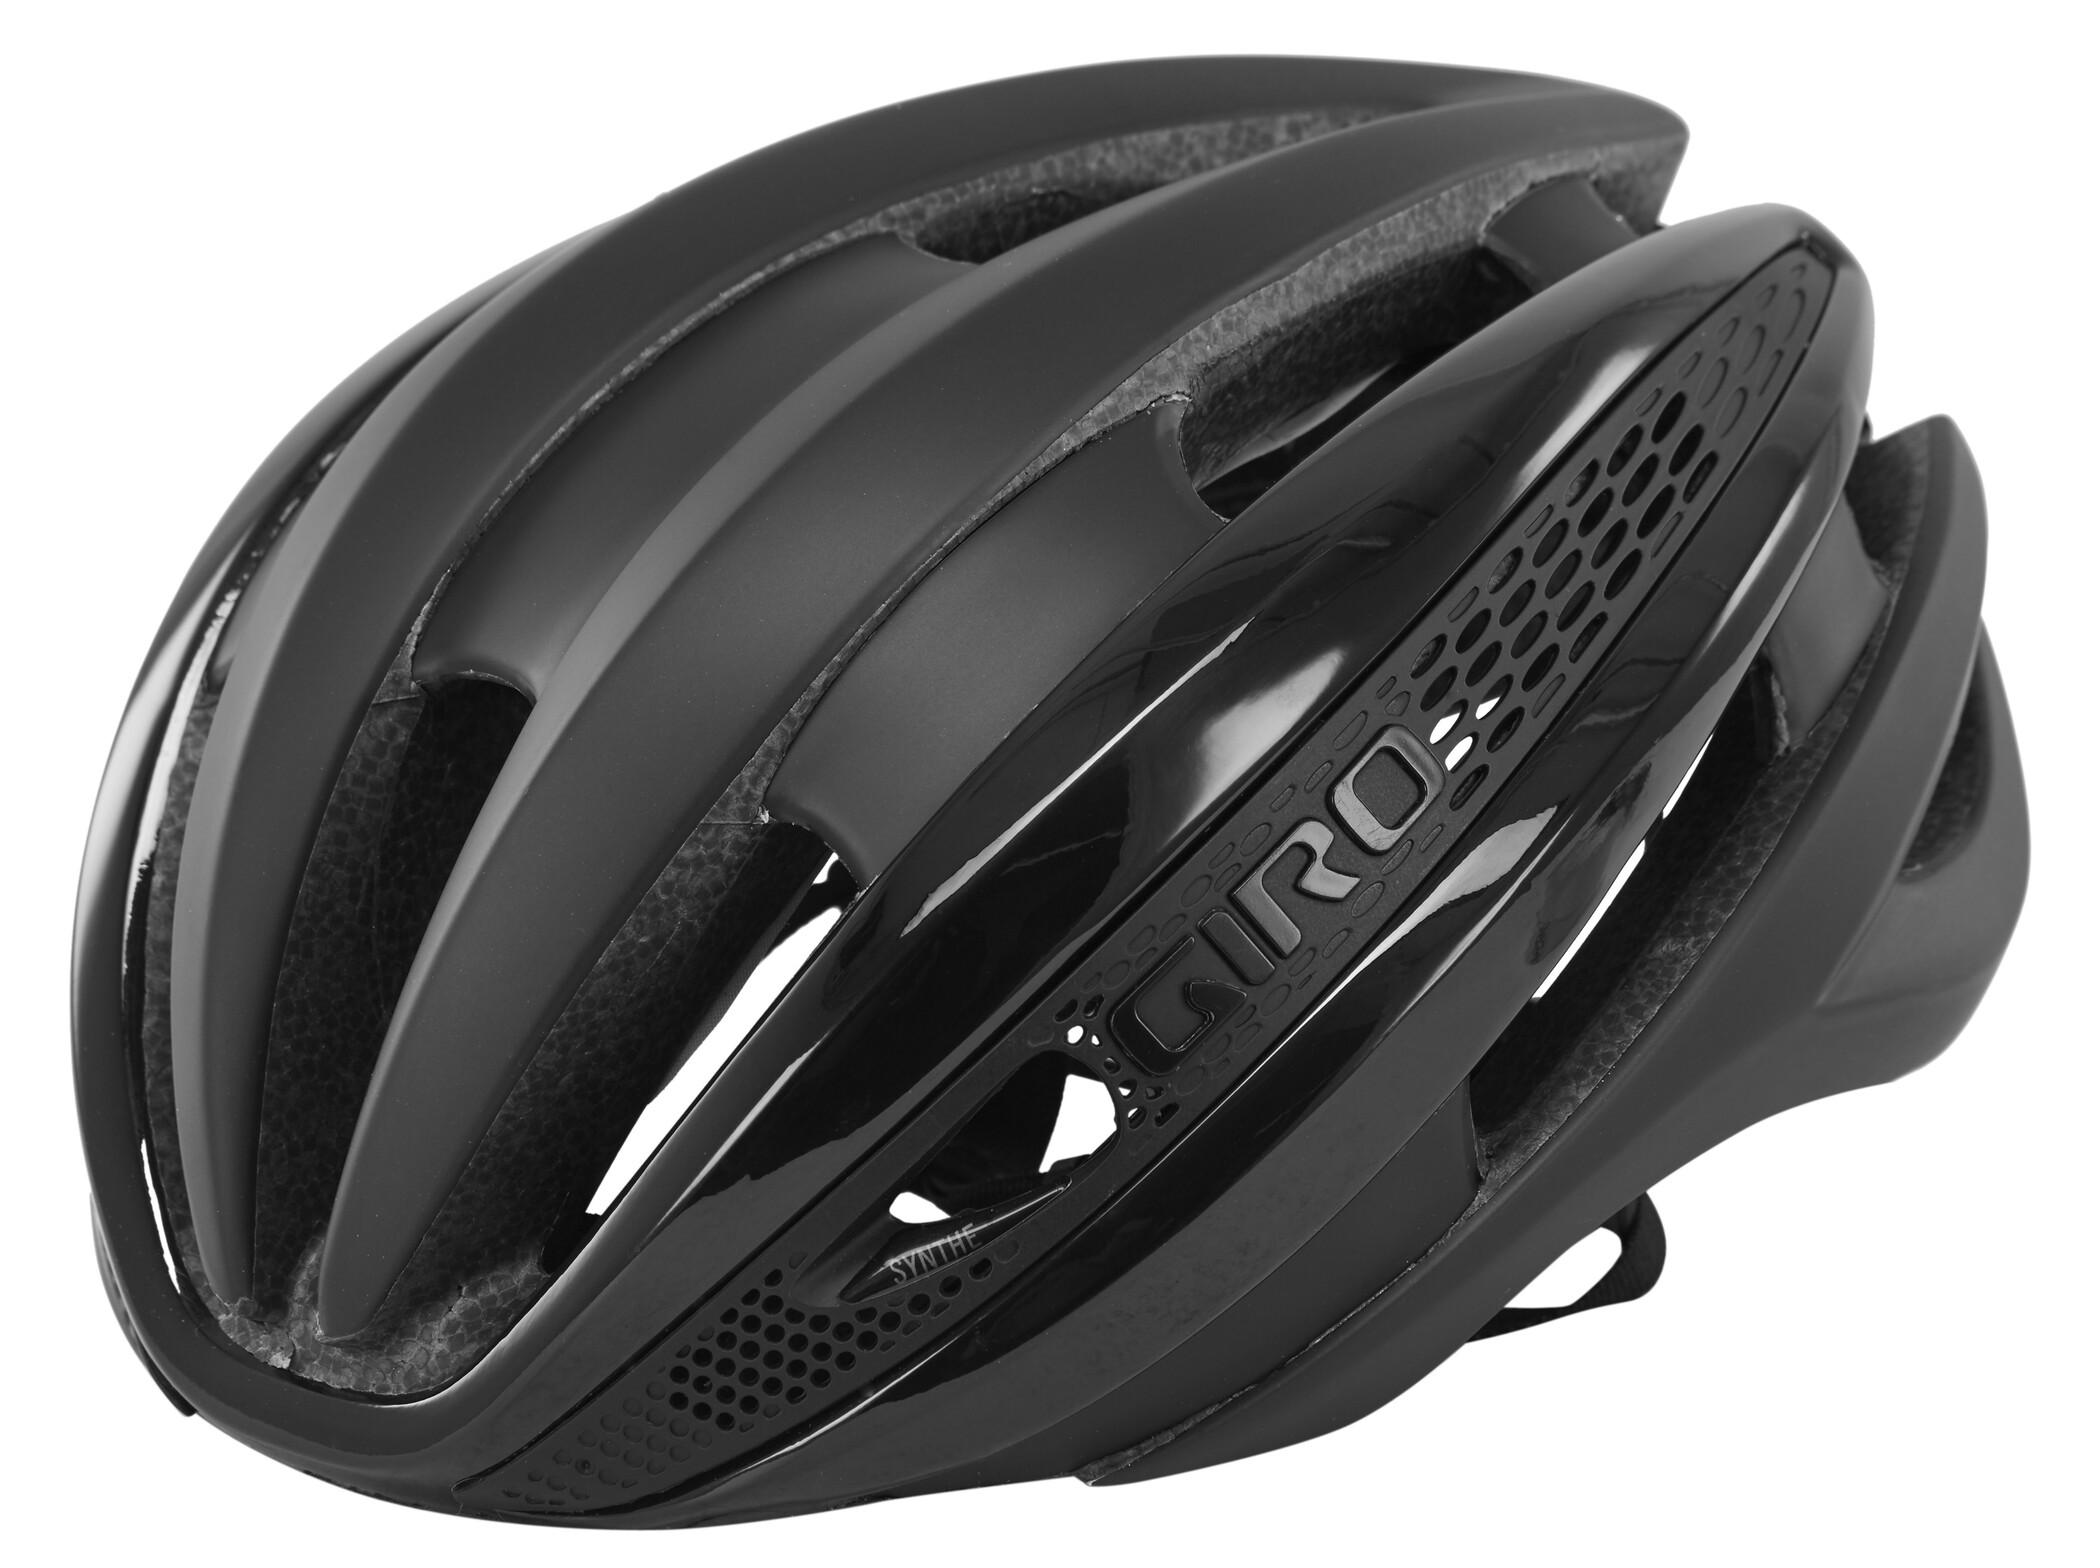 Https Race Face Turbine Dropper Sattelstuetze Oe316 Prolite Seat Post Carbon 316mm Silver Giro Synthe Helmet Matte Black